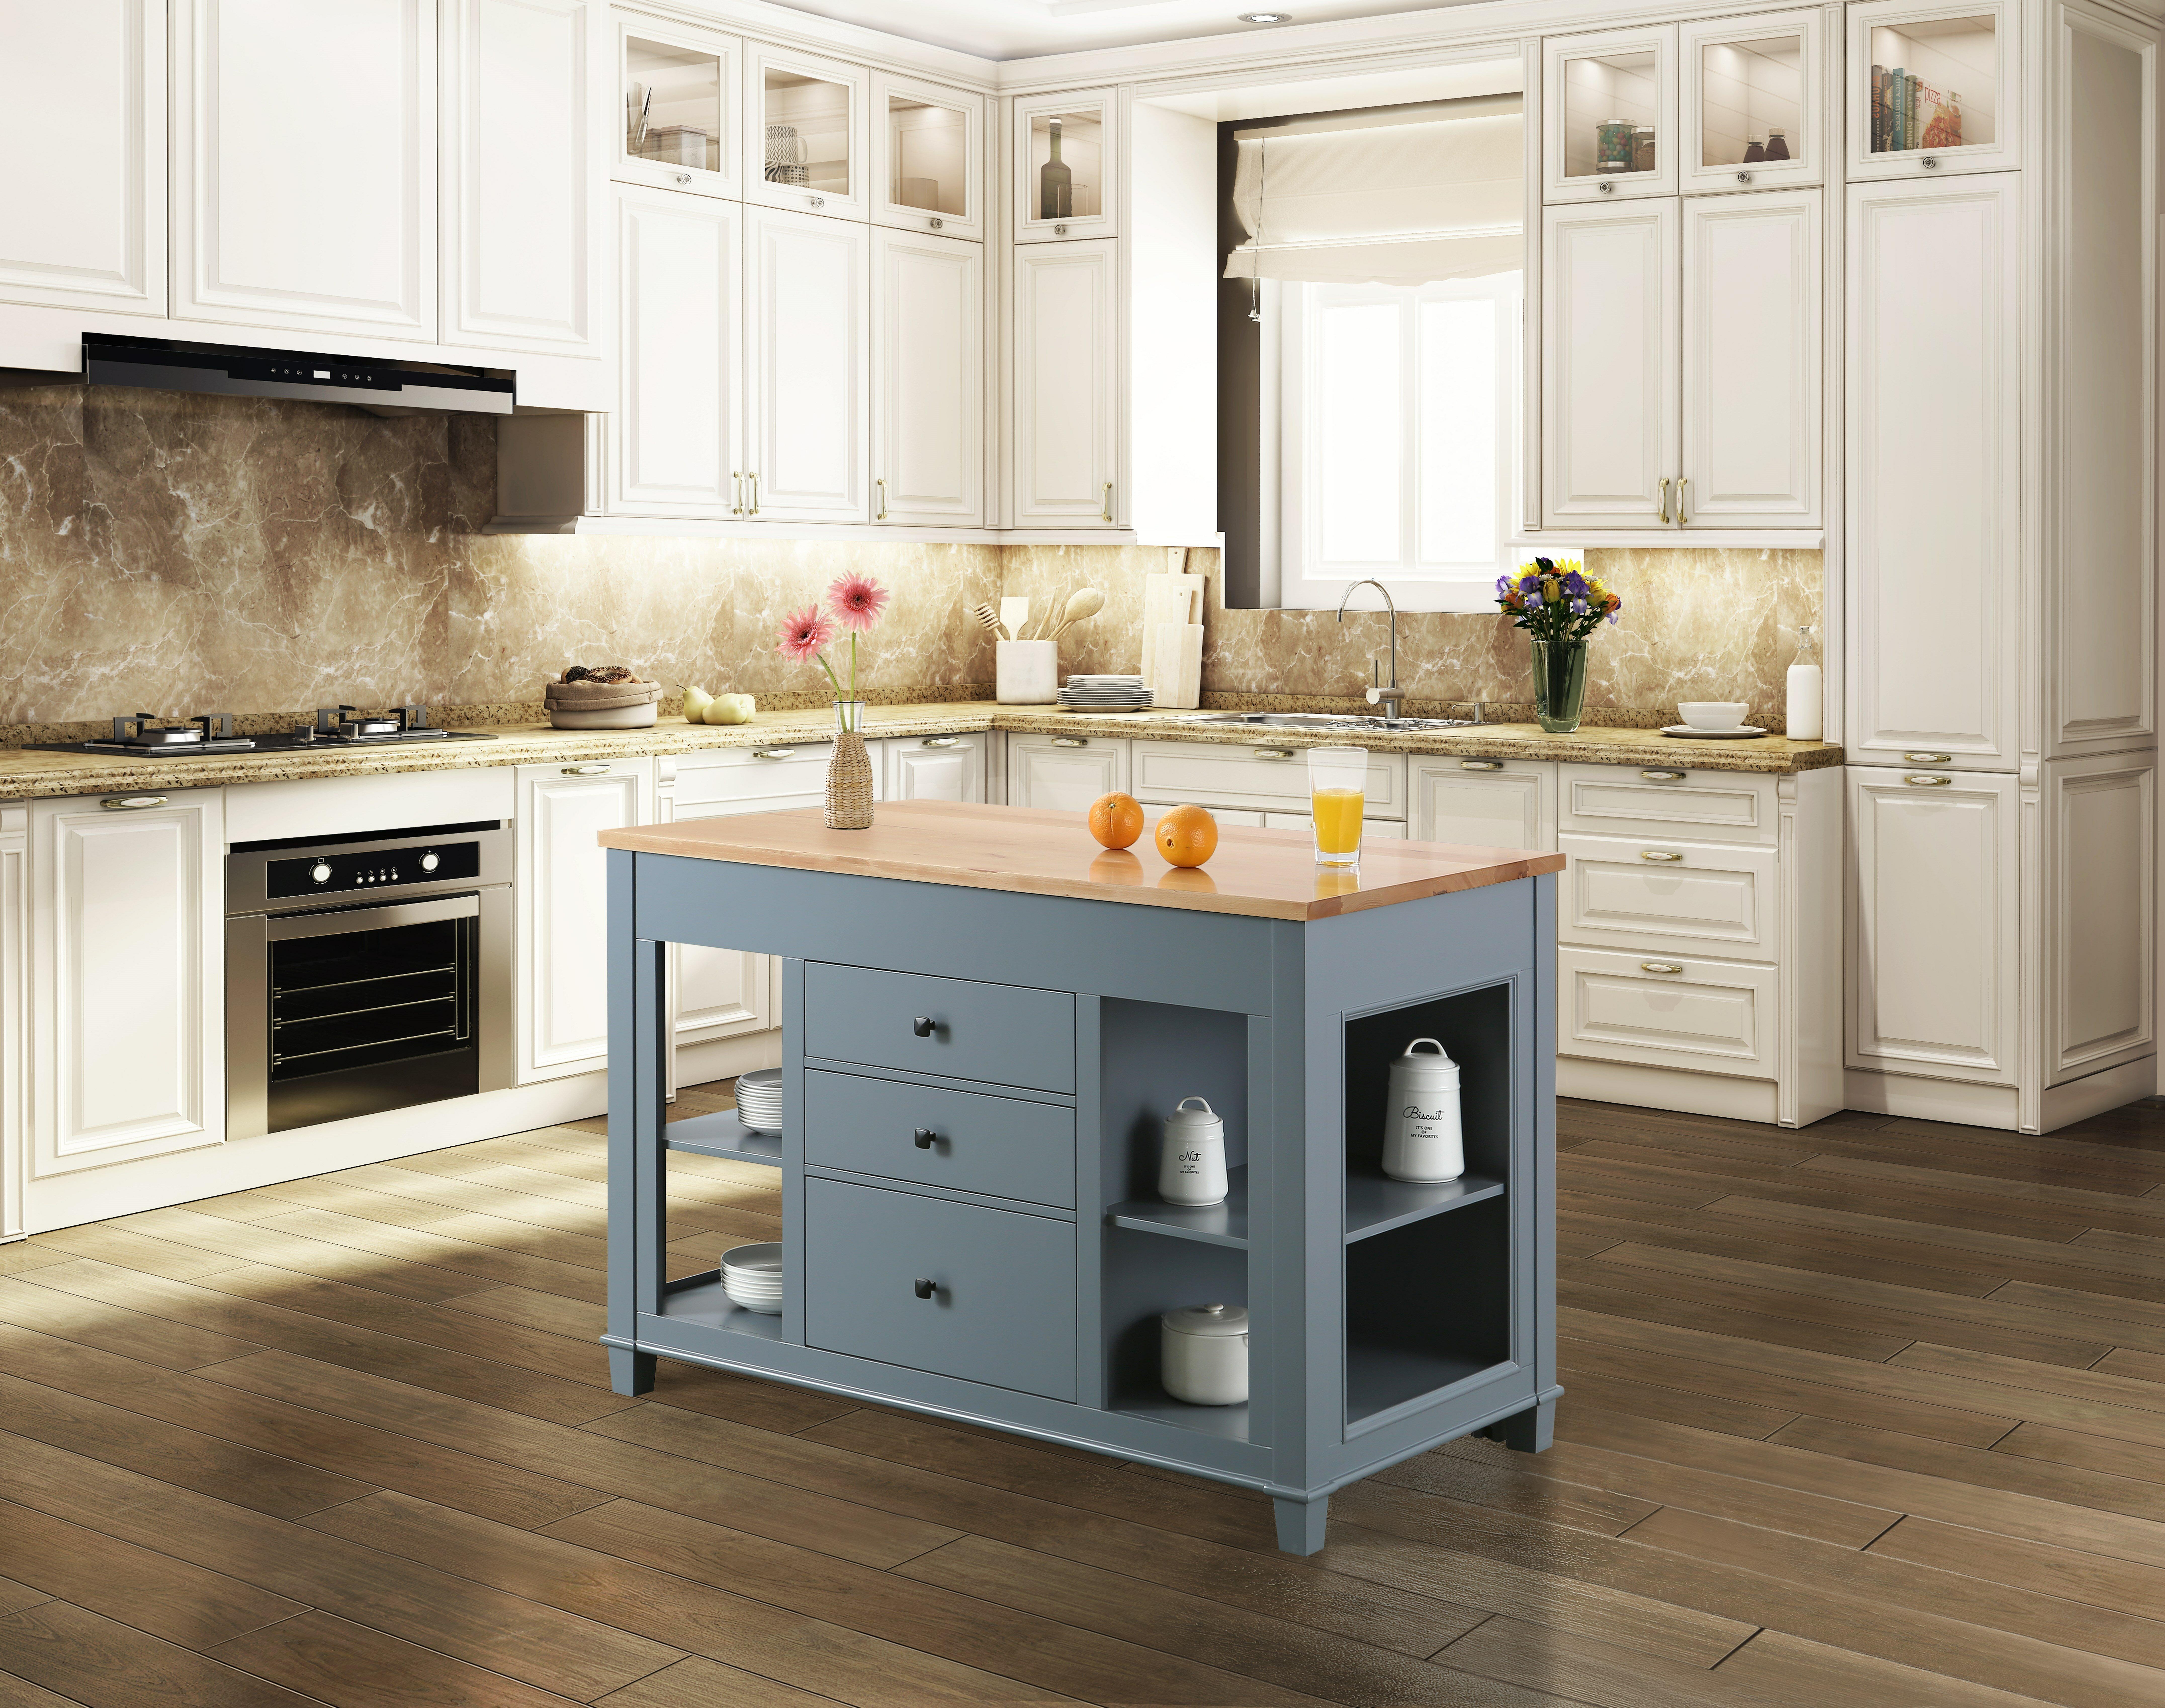 Casen Solid Wood Kitchen Island